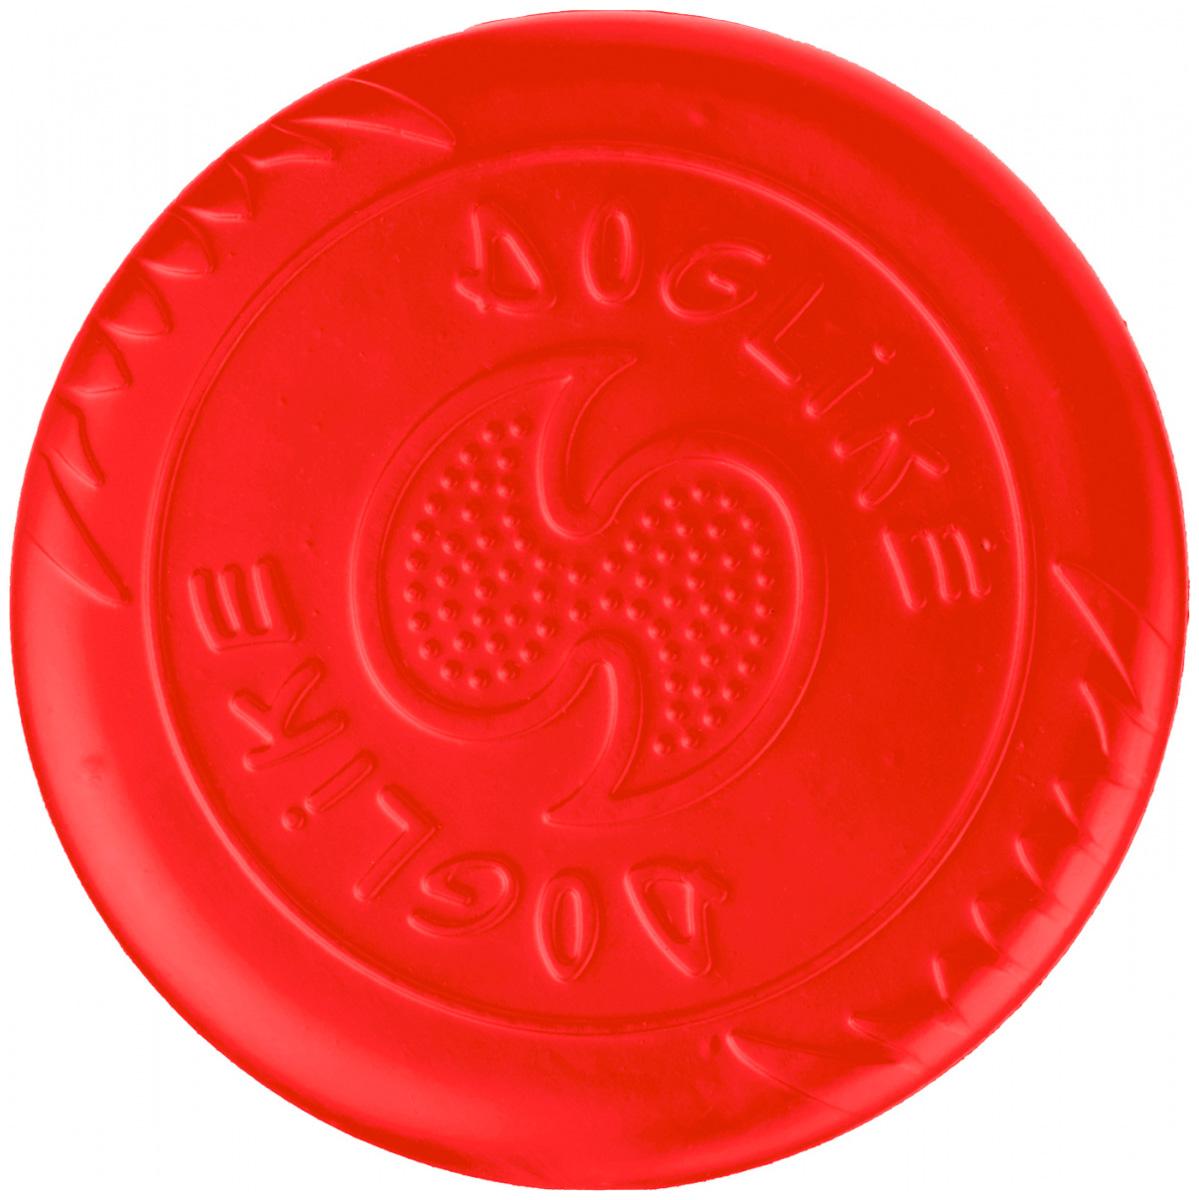 Летающая тарелка для собак средняя Doglike коралловая (1 шт)